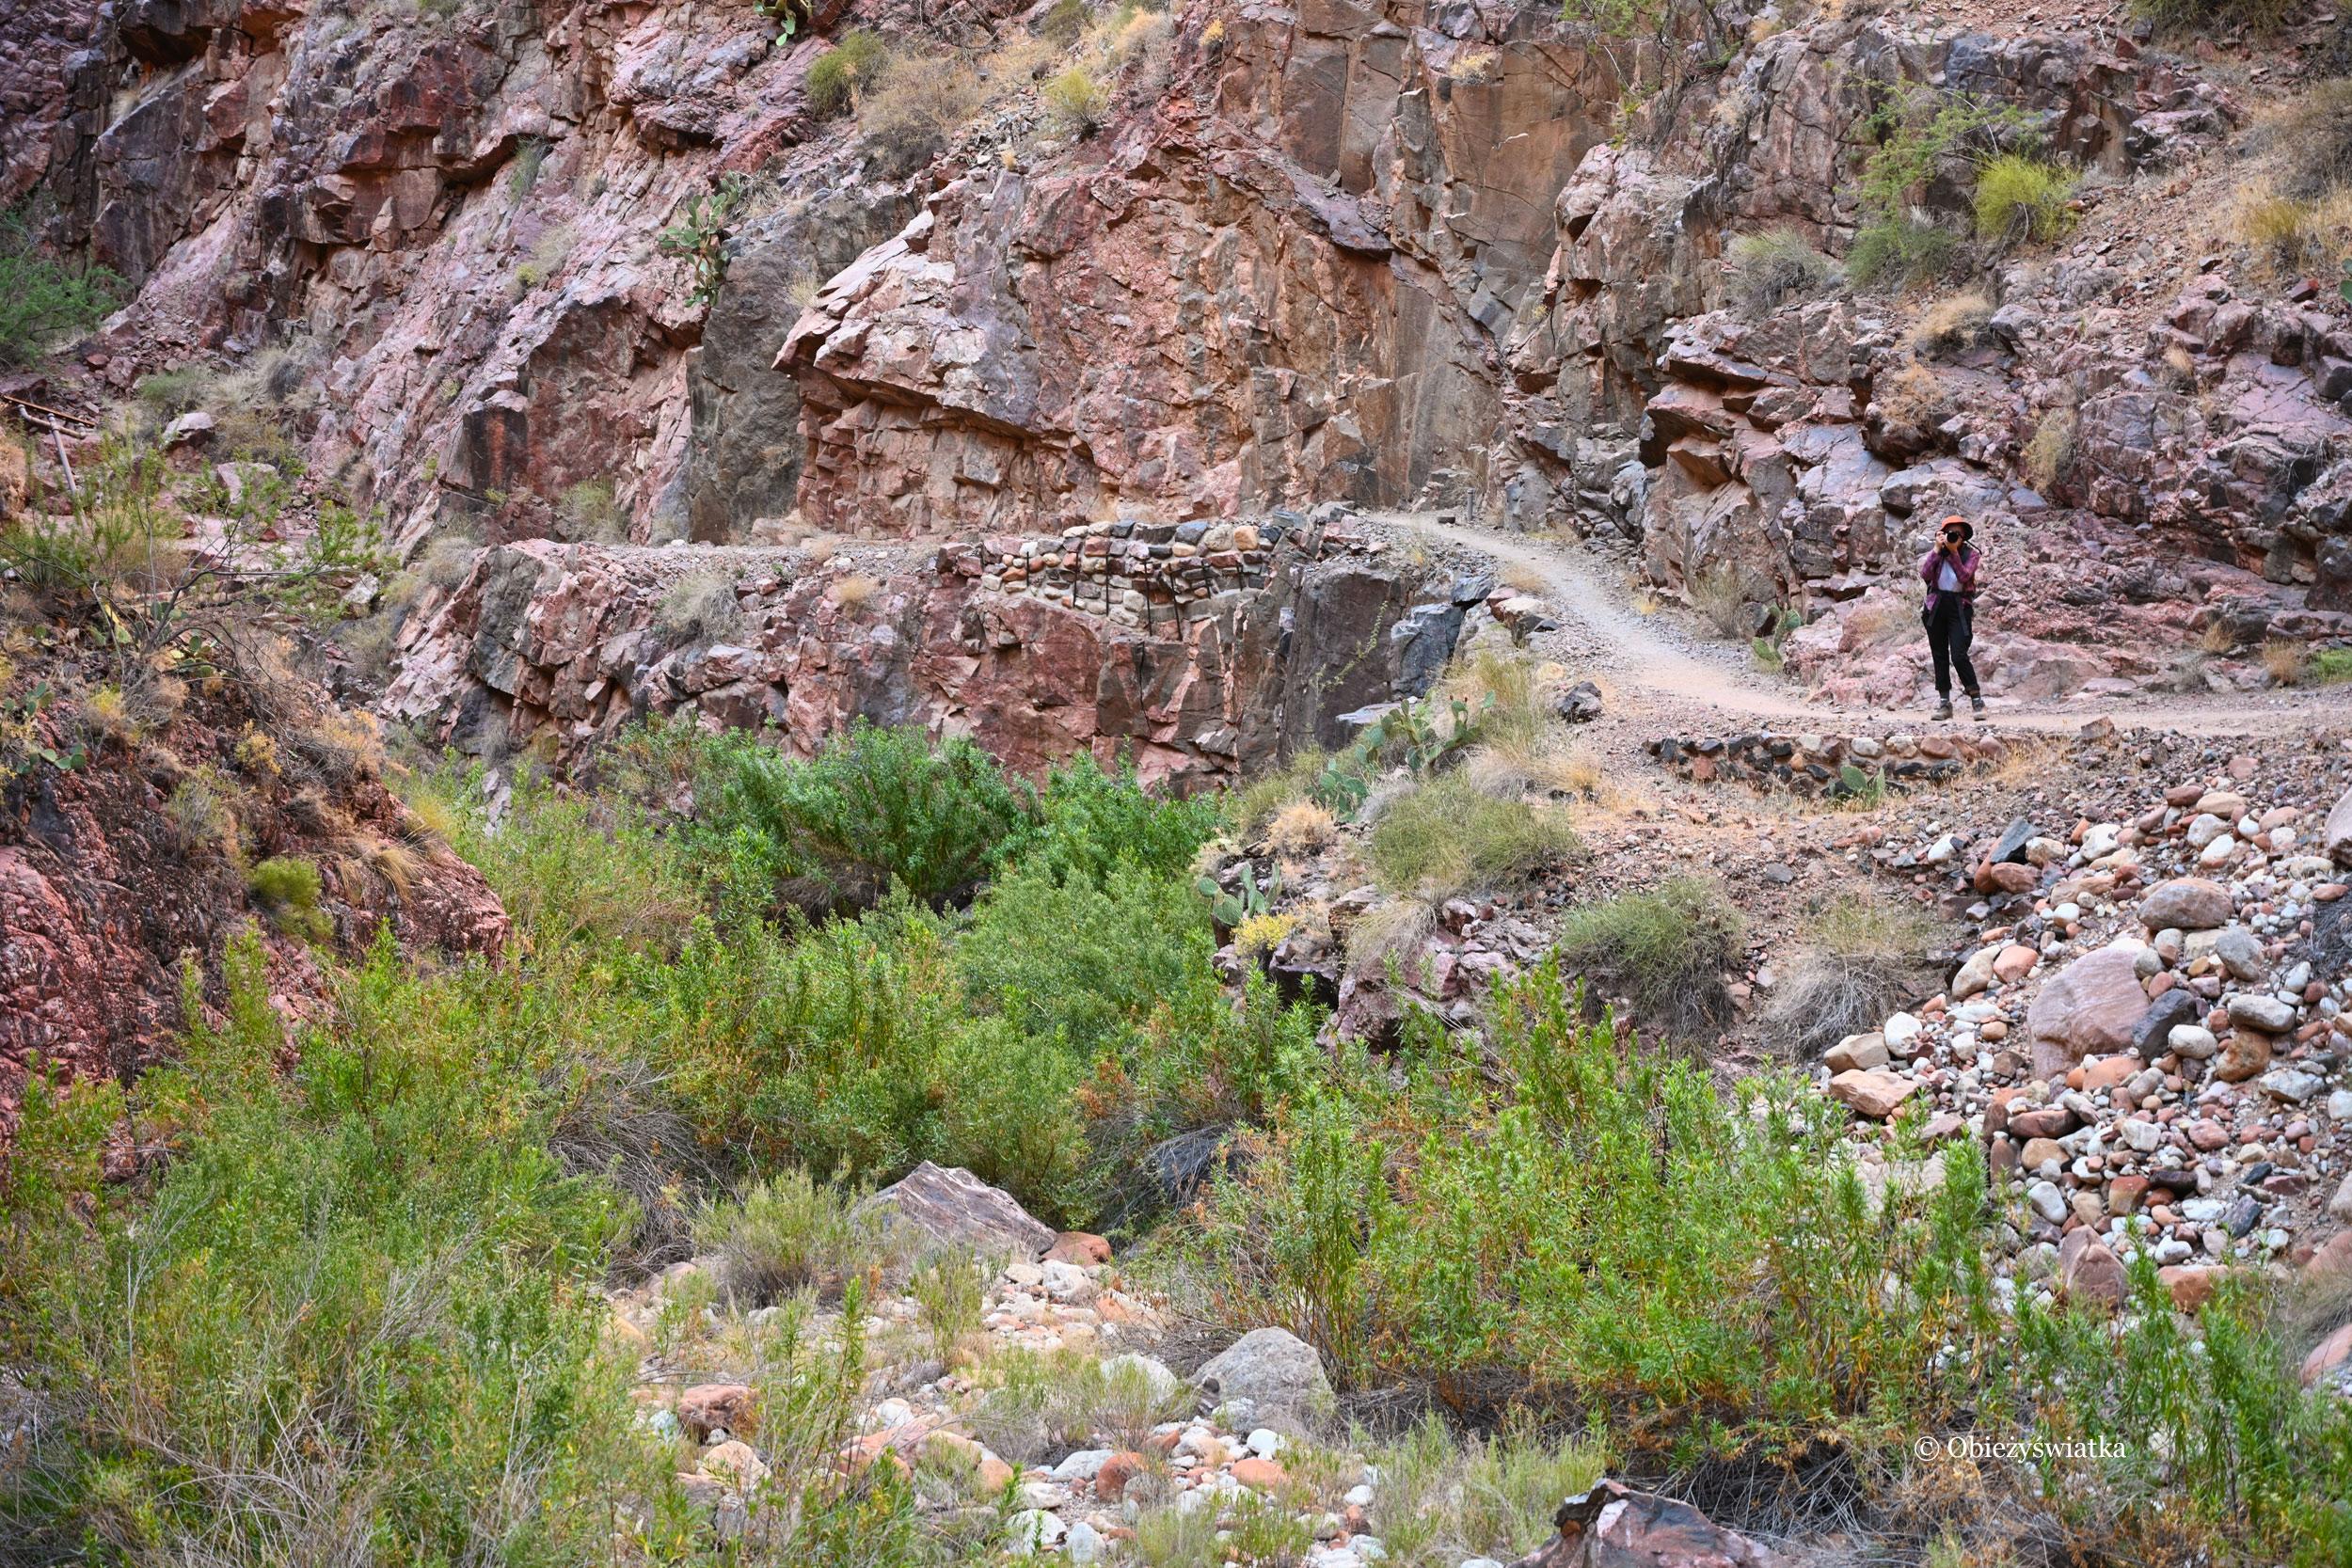 Droga jest przepiękna i fotogeniczna - North Kaibab Trail, Grand Canyon